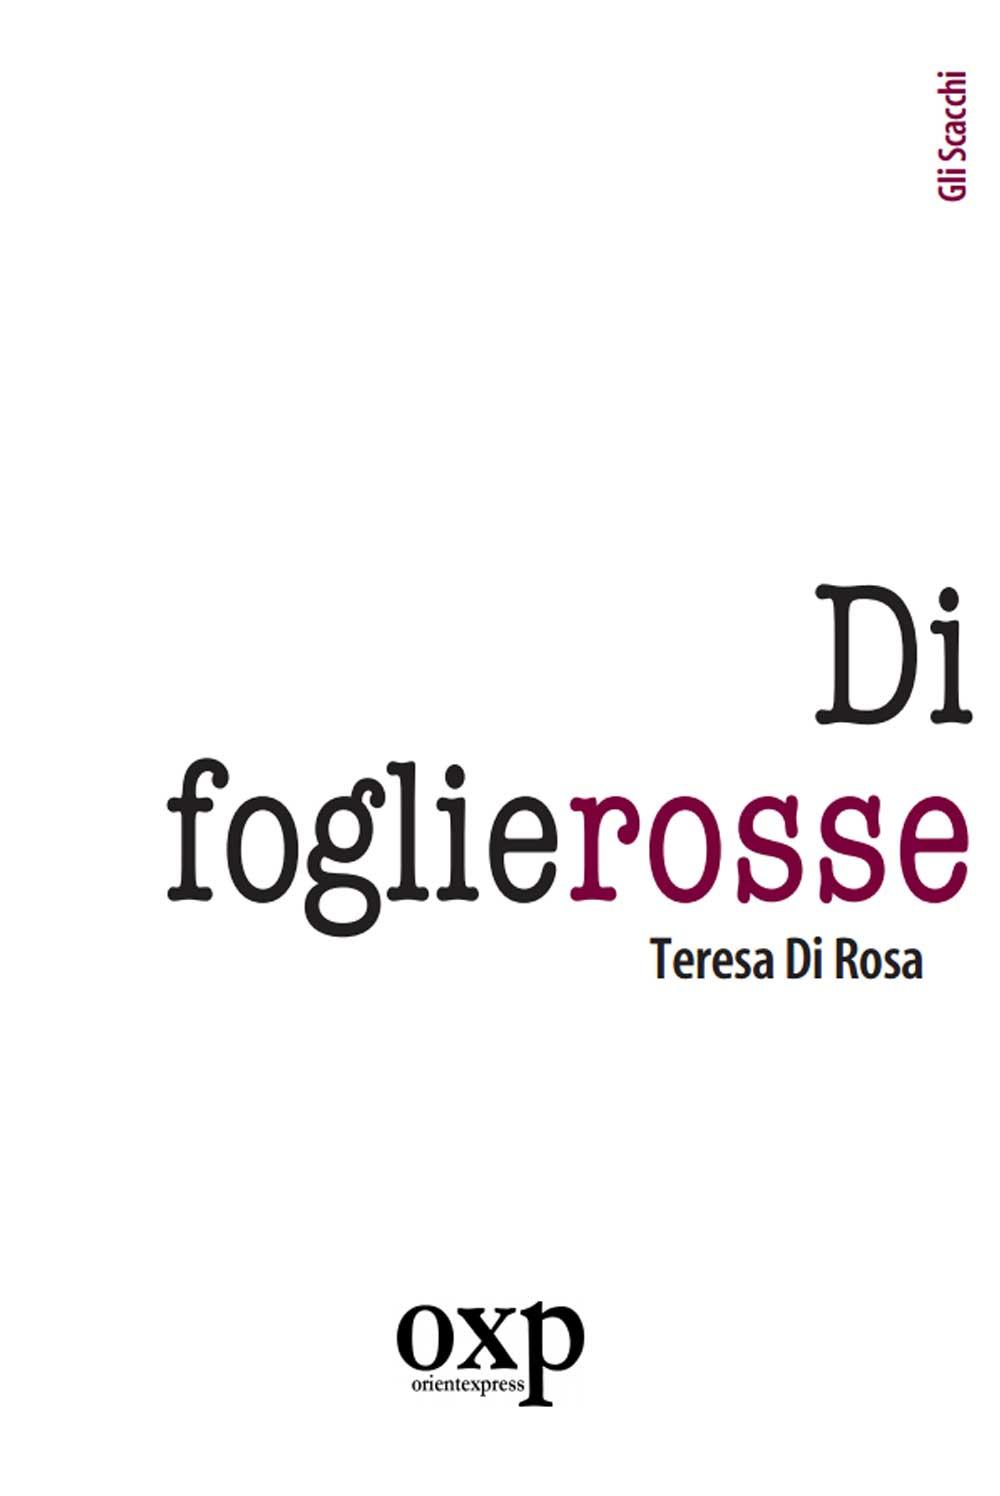 Di foglie rosse (eBook), di TeresaDi Rosa (Gli Scacchi, 2008)